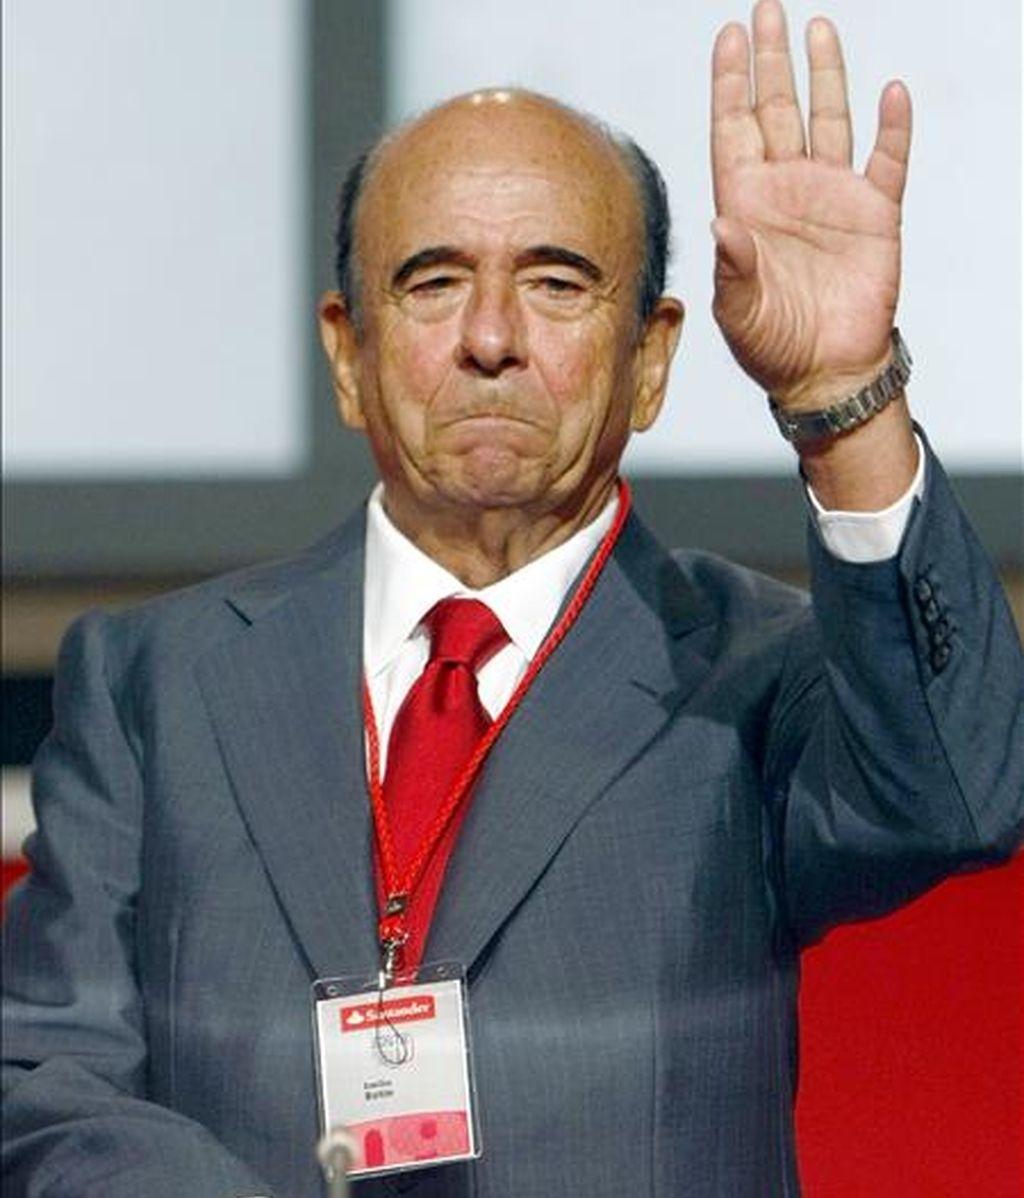 El presidente del Banco Santander, Emilio Botín, saluda a los accionistas momentos antes del comienzo de la Junta General de esta entidad, que se ha celebrado hoy en el Palacio de Exposiciones de la capital cántabra. EFE